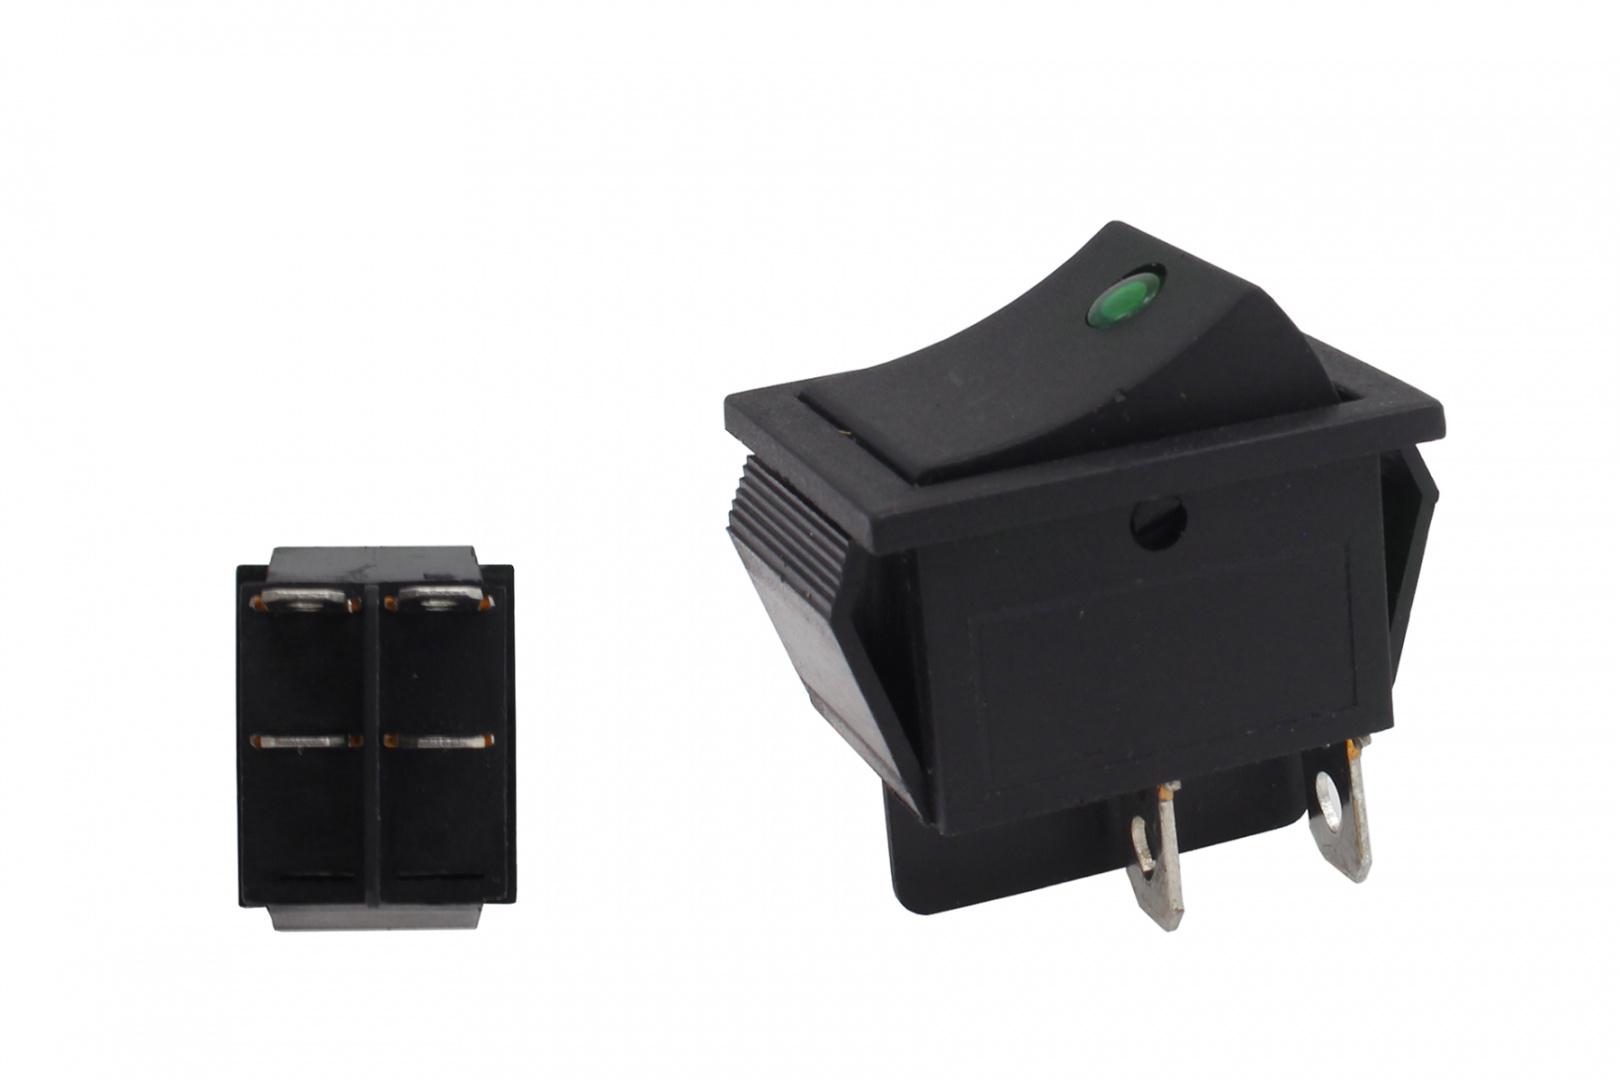 Włącznik rocker led 4 PIN Green - GRUBYGARAGE - Sklep Tuningowy